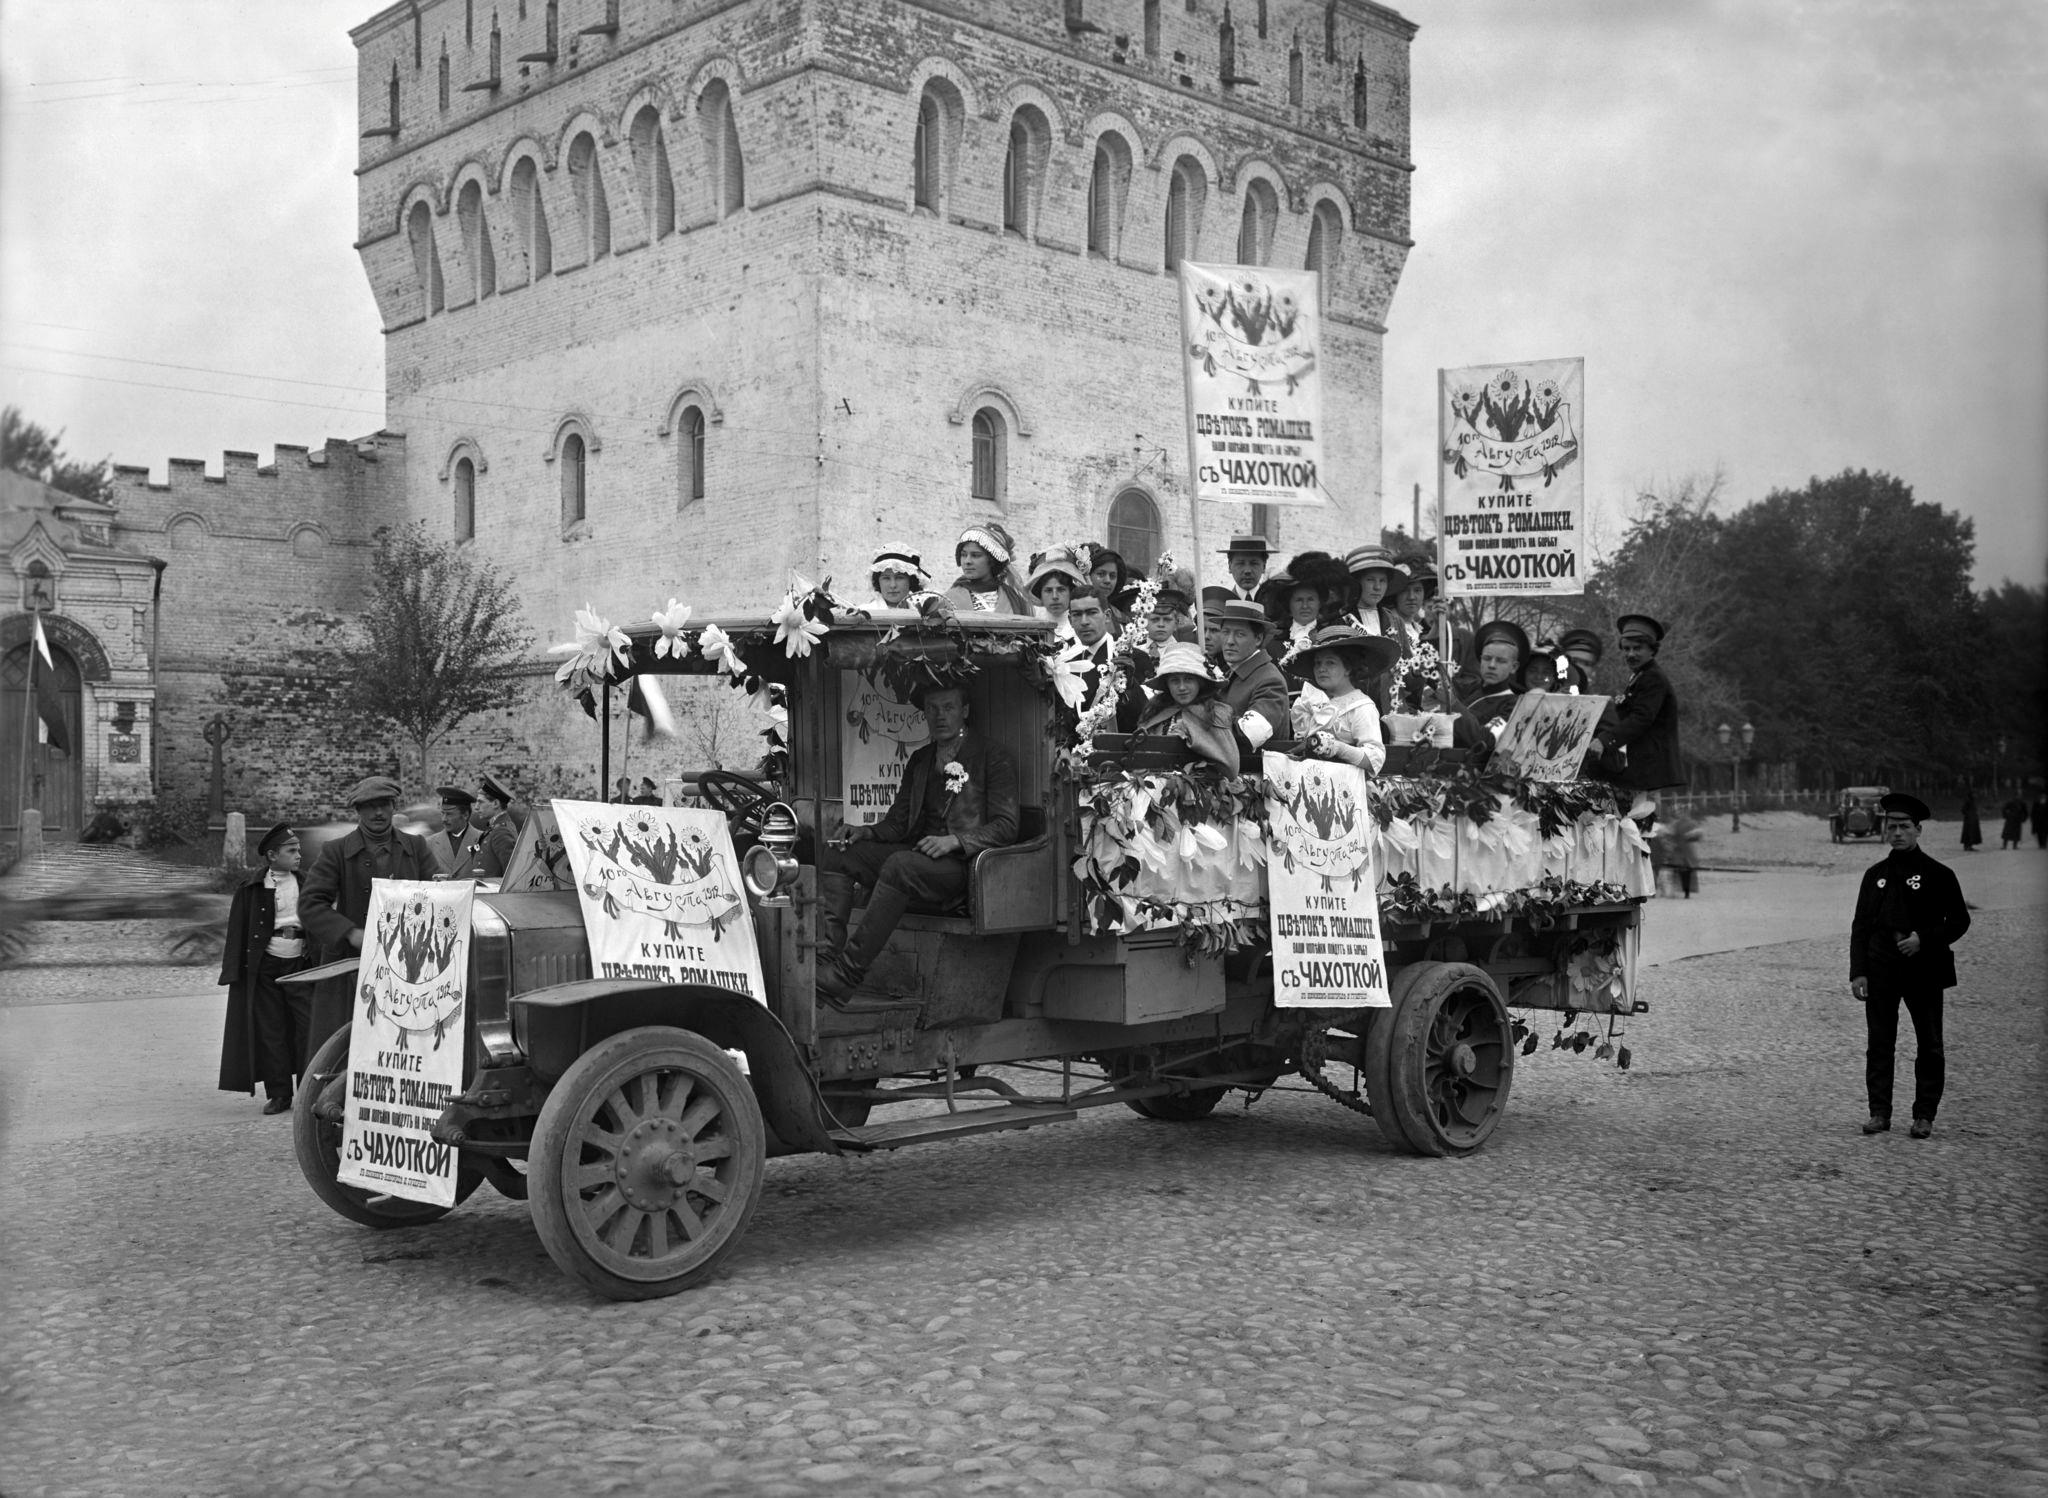 День белой ромашки - день сбора пожертвований на борьбу с туберкулезом. Благовещенская площадь. 1912